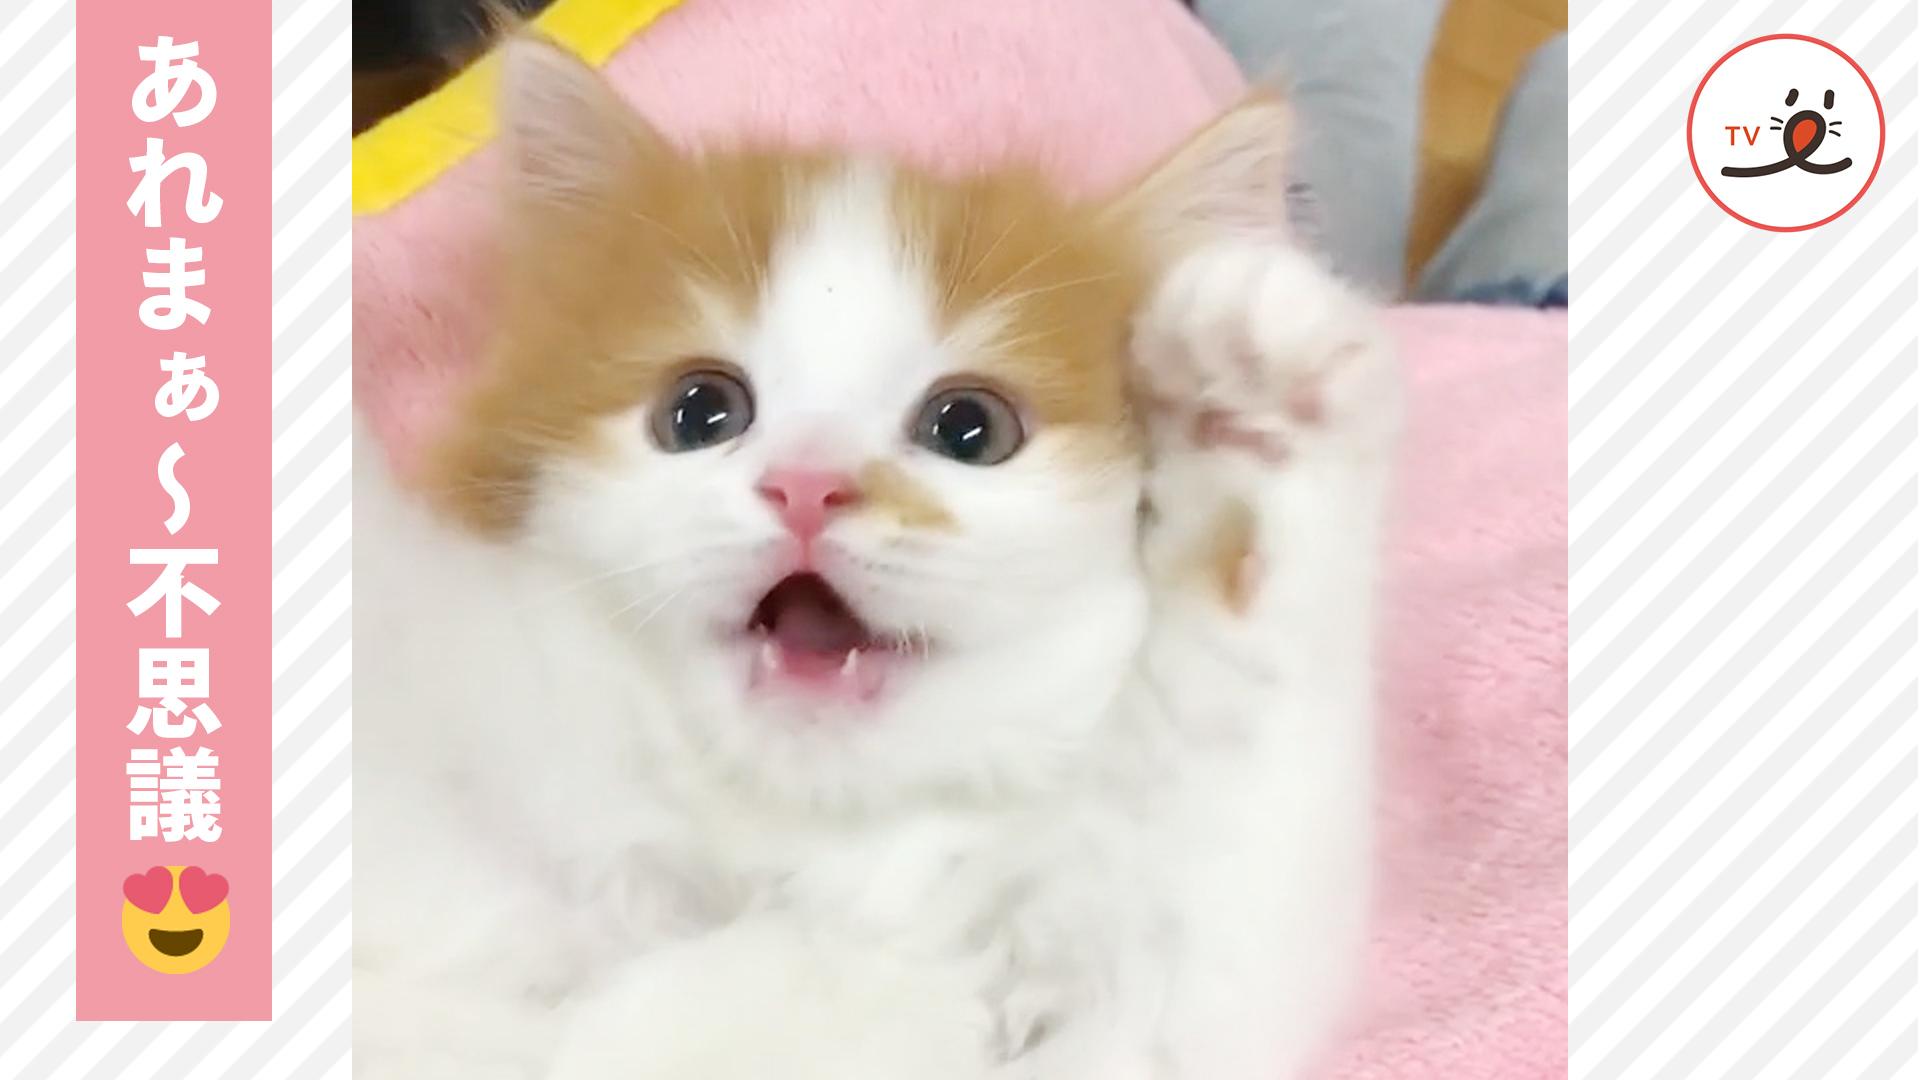 あれまぁ〜不思議🤔 「こちょこちょ・ぱっ」でバンザイしちゃう子猫ちゃん😍🌸